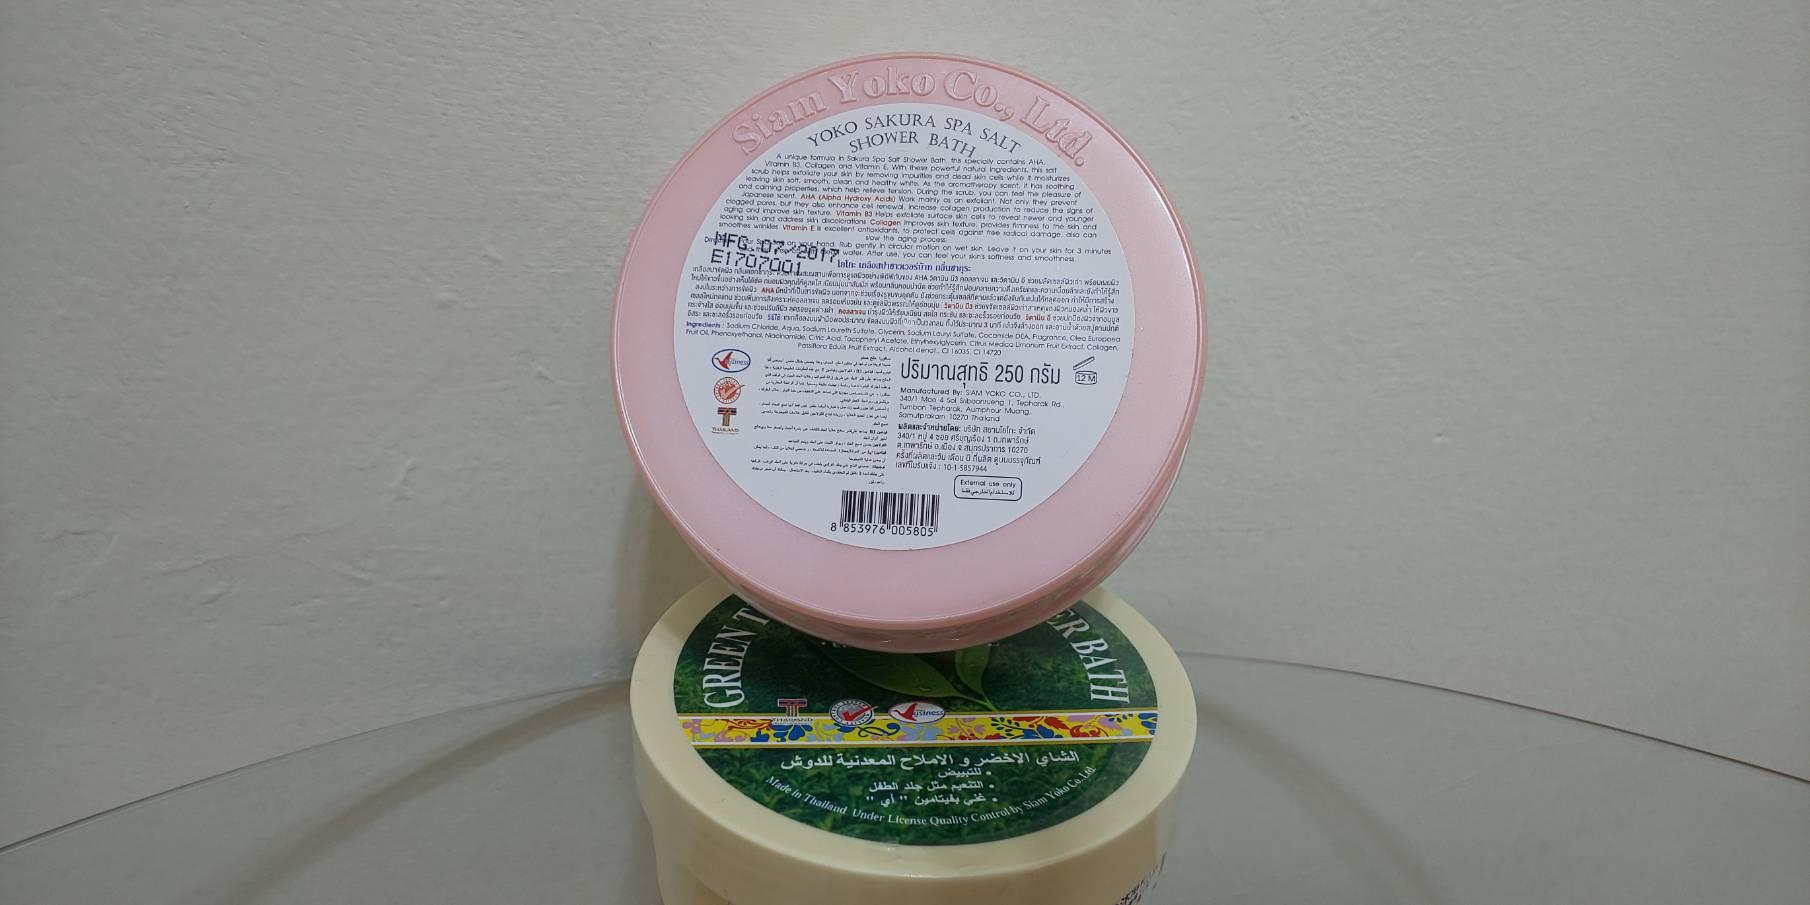 SPA 全身去角質純天然植物磨砂沐浴鹽 250ml(2款味道隨機出貨) 磨砂膏